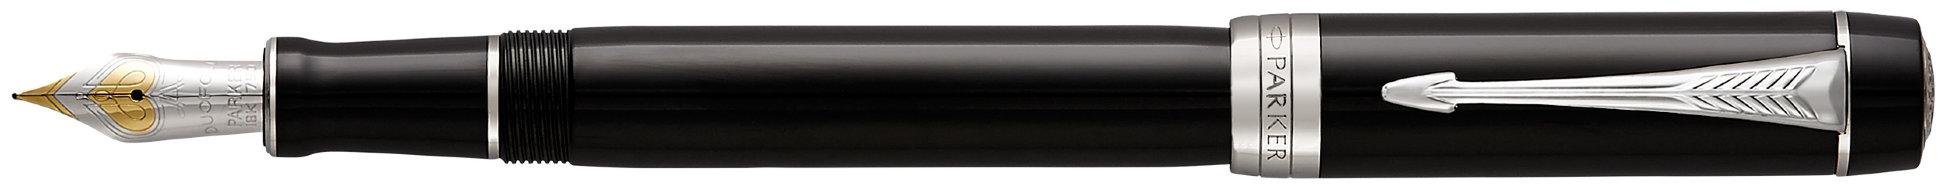 Перьевая ручка Parker Duofold F77 Centennial Black CT в Воронеже